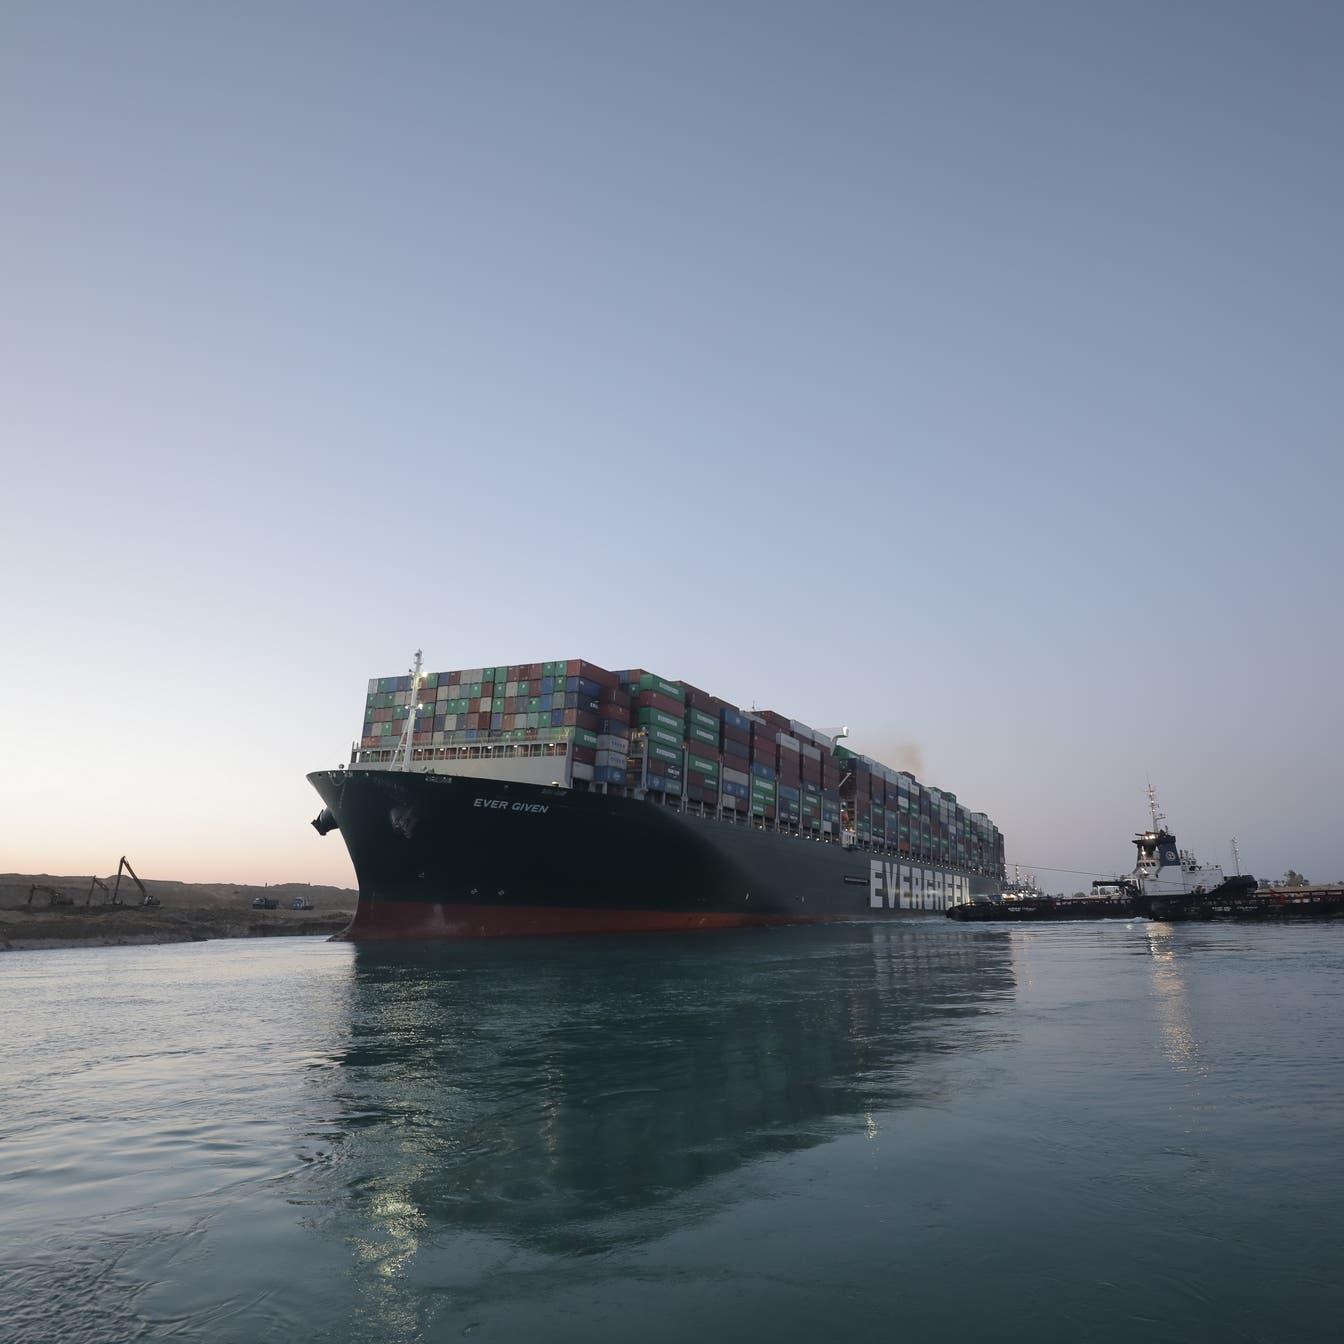 أزمة جديدة لسفينة قناة السويس.. دعوى قضائية وتفسير خاطئ